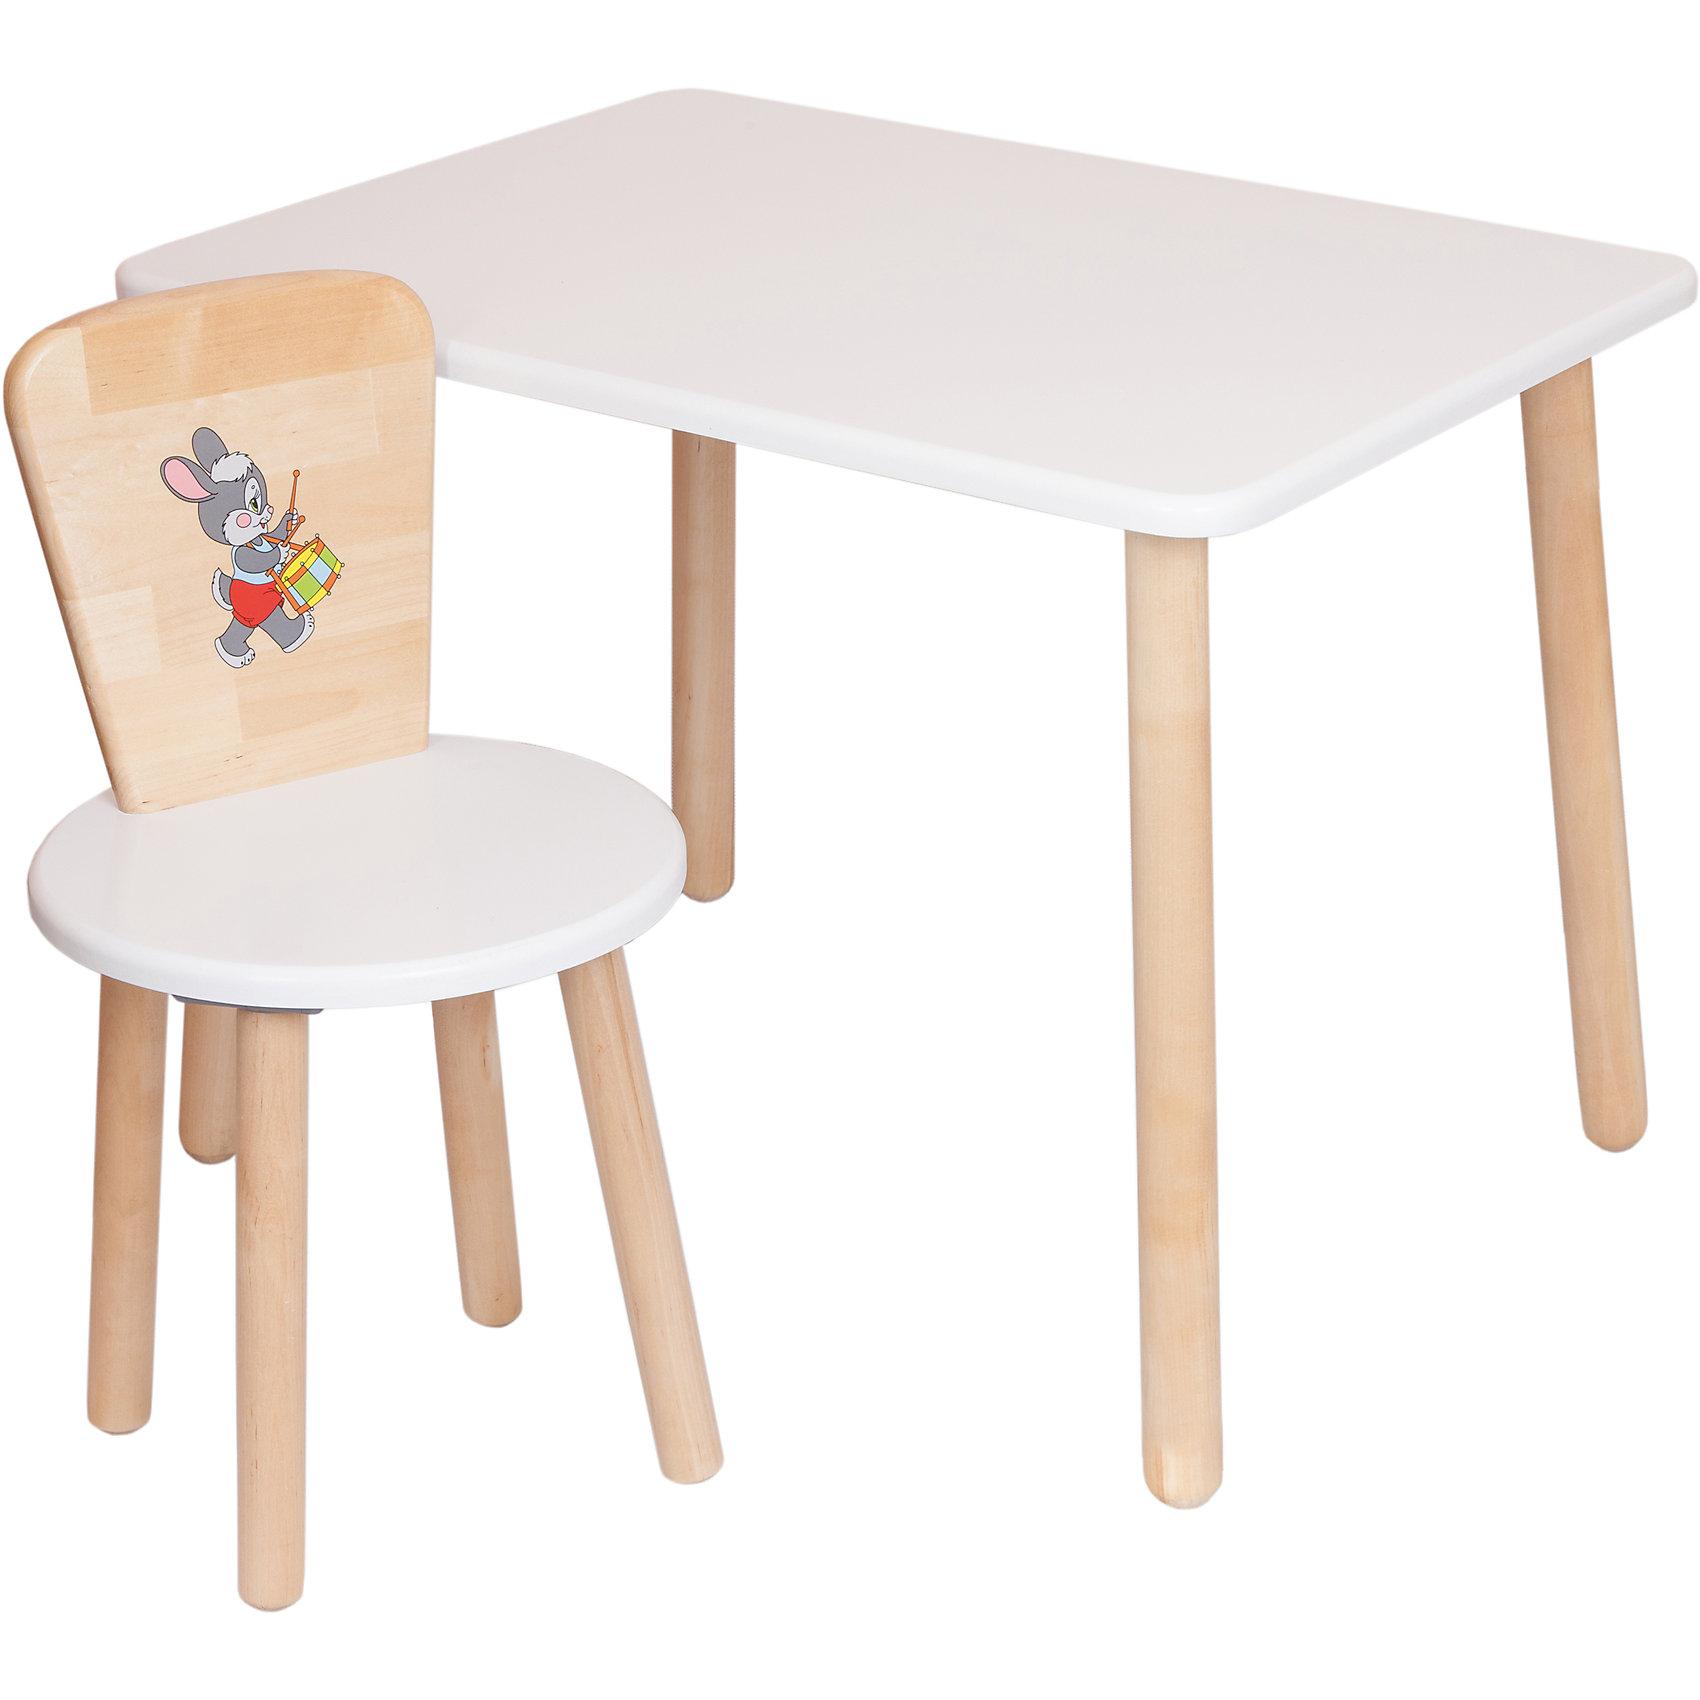 Набор мебели Эко № 1, белыйМебель<br>Набор мебели Эко от известного производителя Русэкомебель - практичный и красивый комплект, состоящий из стола и стула.  Мебель прекрасно впишется в интерьер детской и обязательно понравится вашему ребенку. Стул и стол не имеют острых углов, которые могут травмировать малышей. Гладкая поверхность столешницы и сиденья позволяет легко устранять любые загрязнения. Стол прямоугольной формы идеально подойдет для занятий, игр и творчества. Набор выполнен из высококачественных материалов, раскрашен безопасными, экологичными и нетоксичными красителями. <br><br>Дополнительная информация:<br><br>- Комплектация: стол, стул.<br>- Материал: дерево (береза), МДФ.<br>- Не имеет острых углов. <br>- Размер столешницы: 45x60 см. <br>- Высота стола: 52 см.<br>- Диаметр стула: 31 см. <br>- Высота стула: 57 см.<br>- Высота стула (от пола до сиденья): 32 см.<br><br>Набор мебели Эко № 1, белый, можно купить в нашем магазине.<br><br>Ширина мм: 730<br>Глубина мм: 530<br>Высота мм: 140<br>Вес г: 8400<br>Возраст от месяцев: 24<br>Возраст до месяцев: 84<br>Пол: Унисекс<br>Возраст: Детский<br>SKU: 4756480